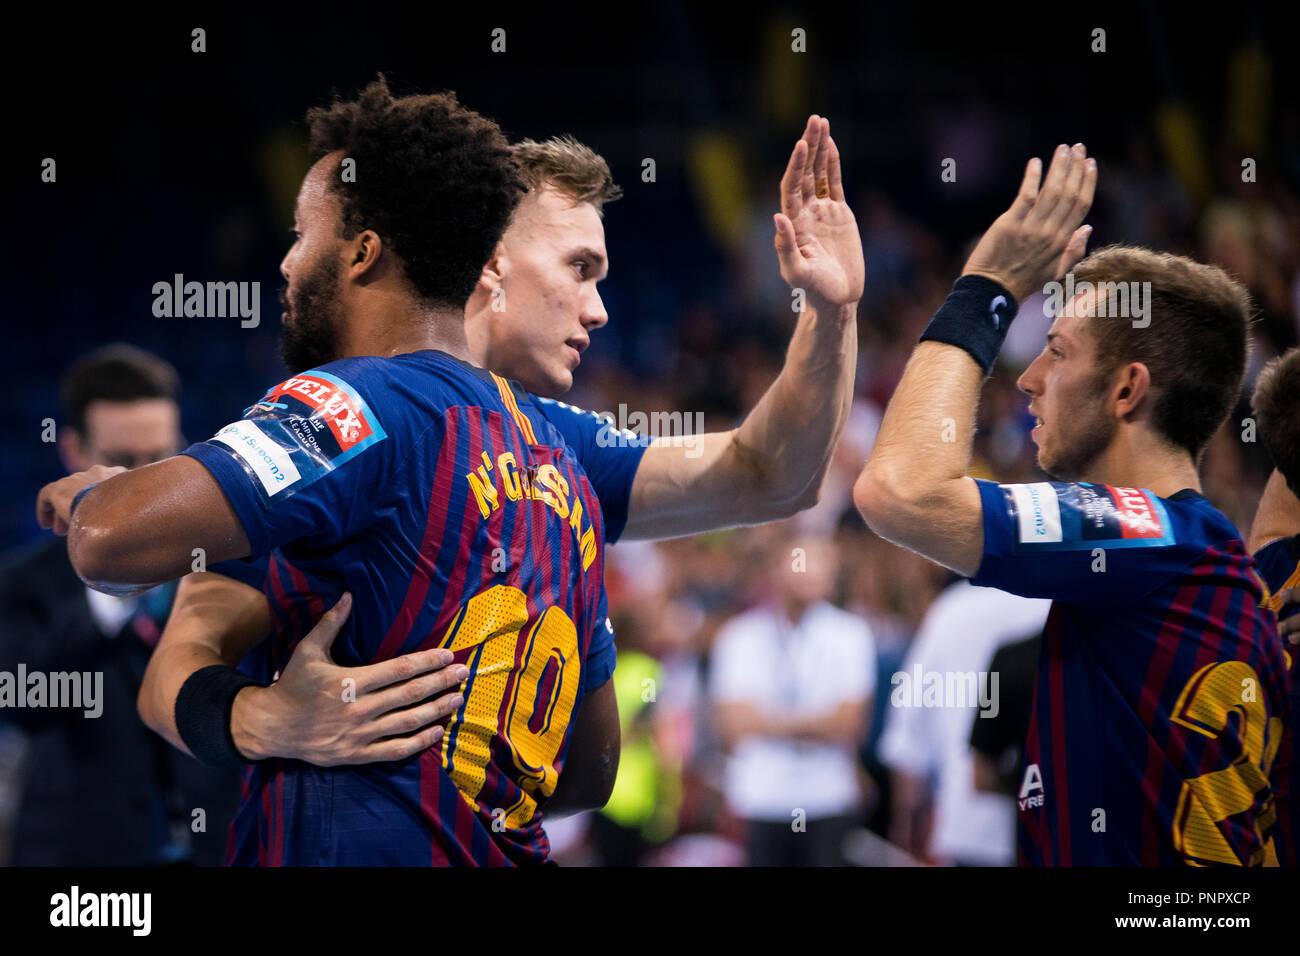 Barcelona Spain 22 September 2018 Ehf Champions League Velux